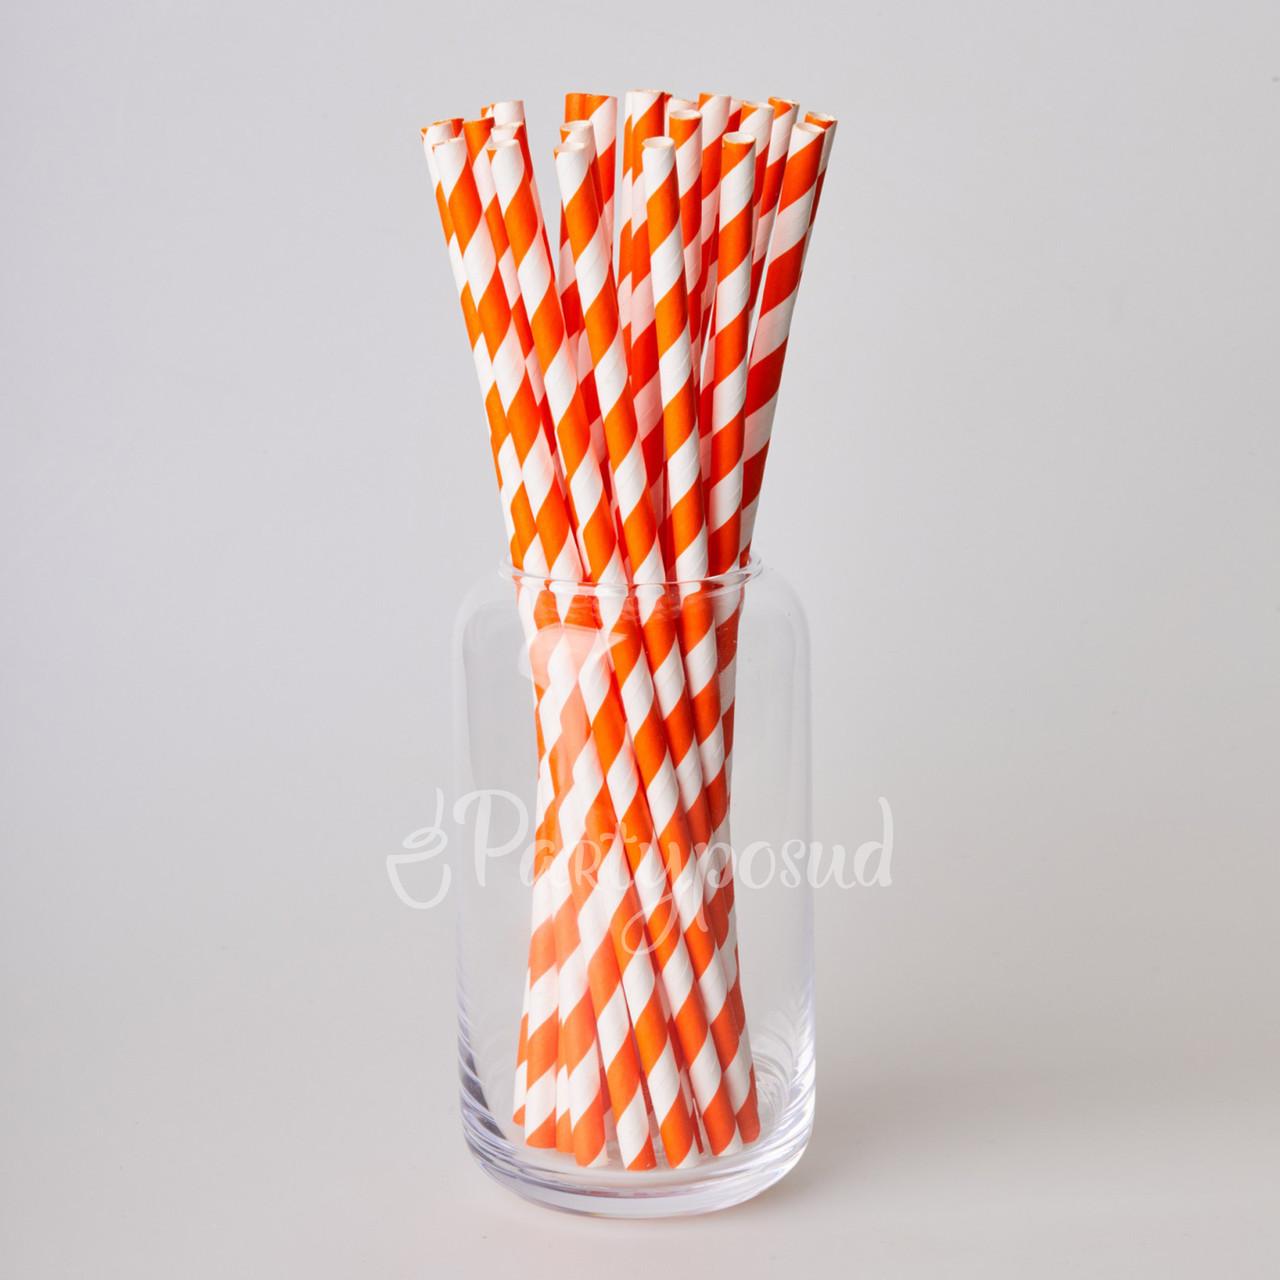 Трубочка бумажная оранжевая волна